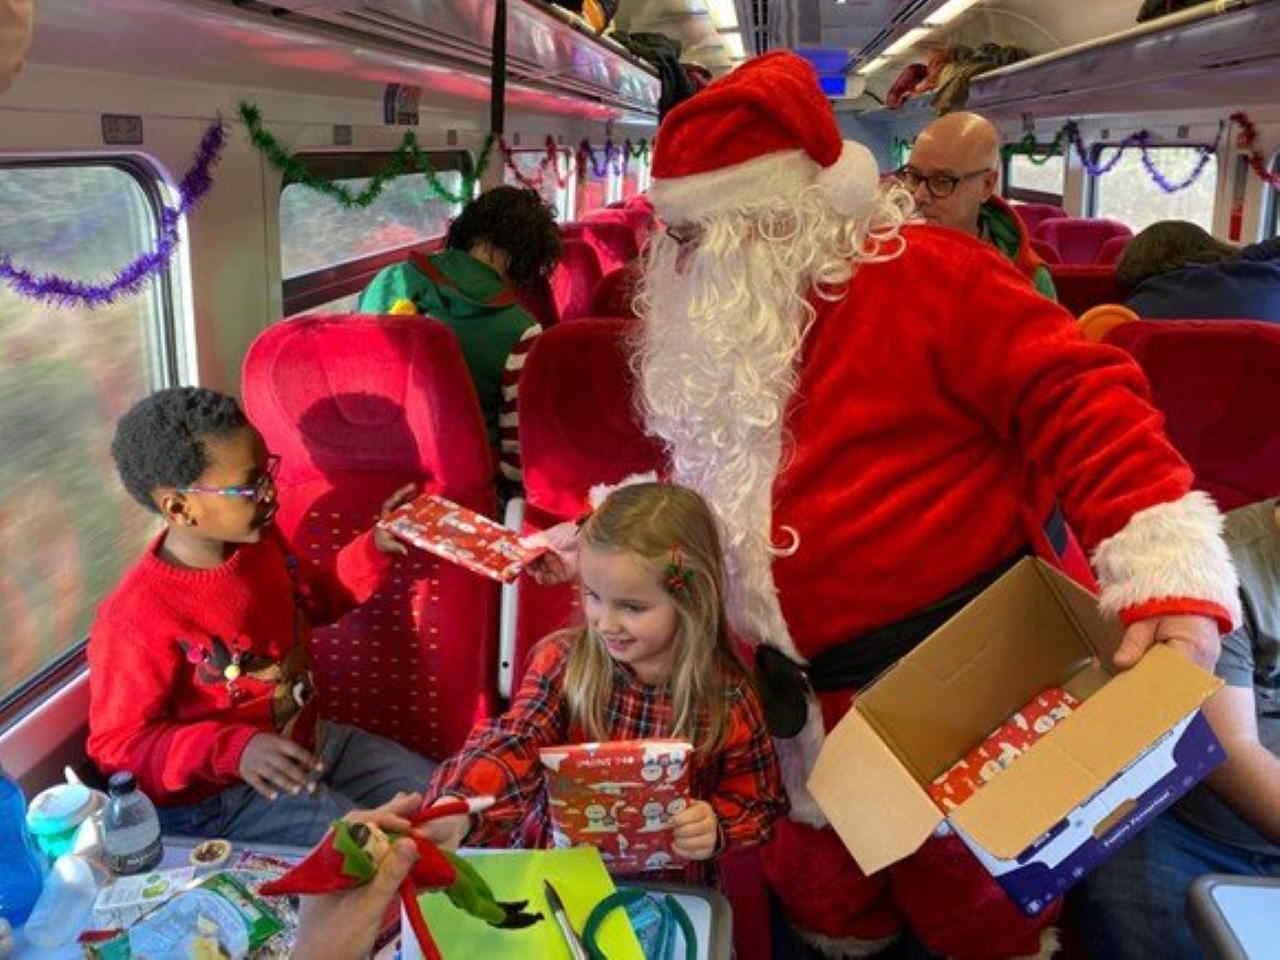 East Midlands Railway welcomes santa